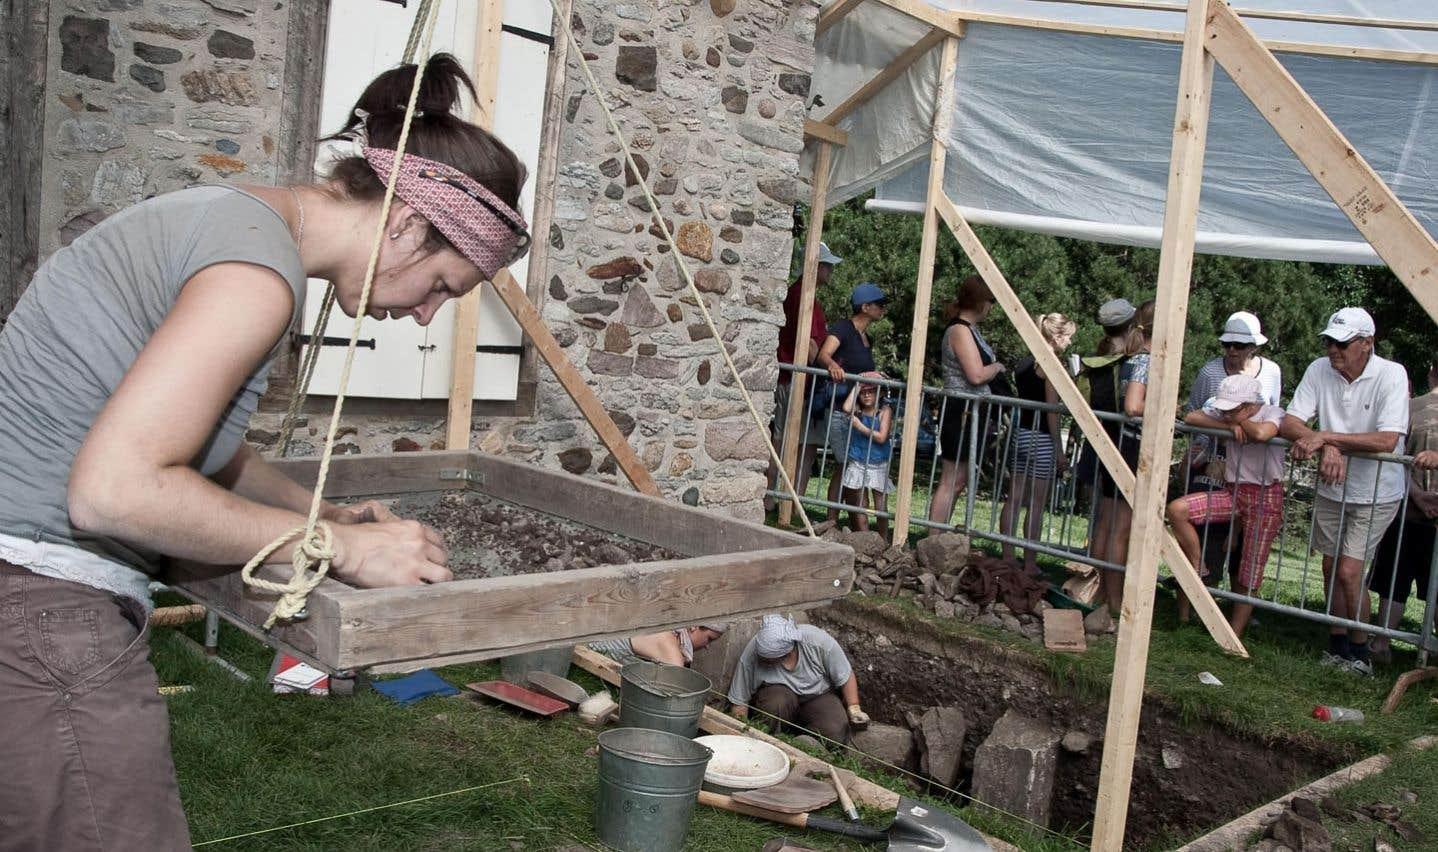 L'été, des activités d'initiation à l'archéologie sont offertes aux visiteurs sur le site de la maison LeBer-LeMoyne.